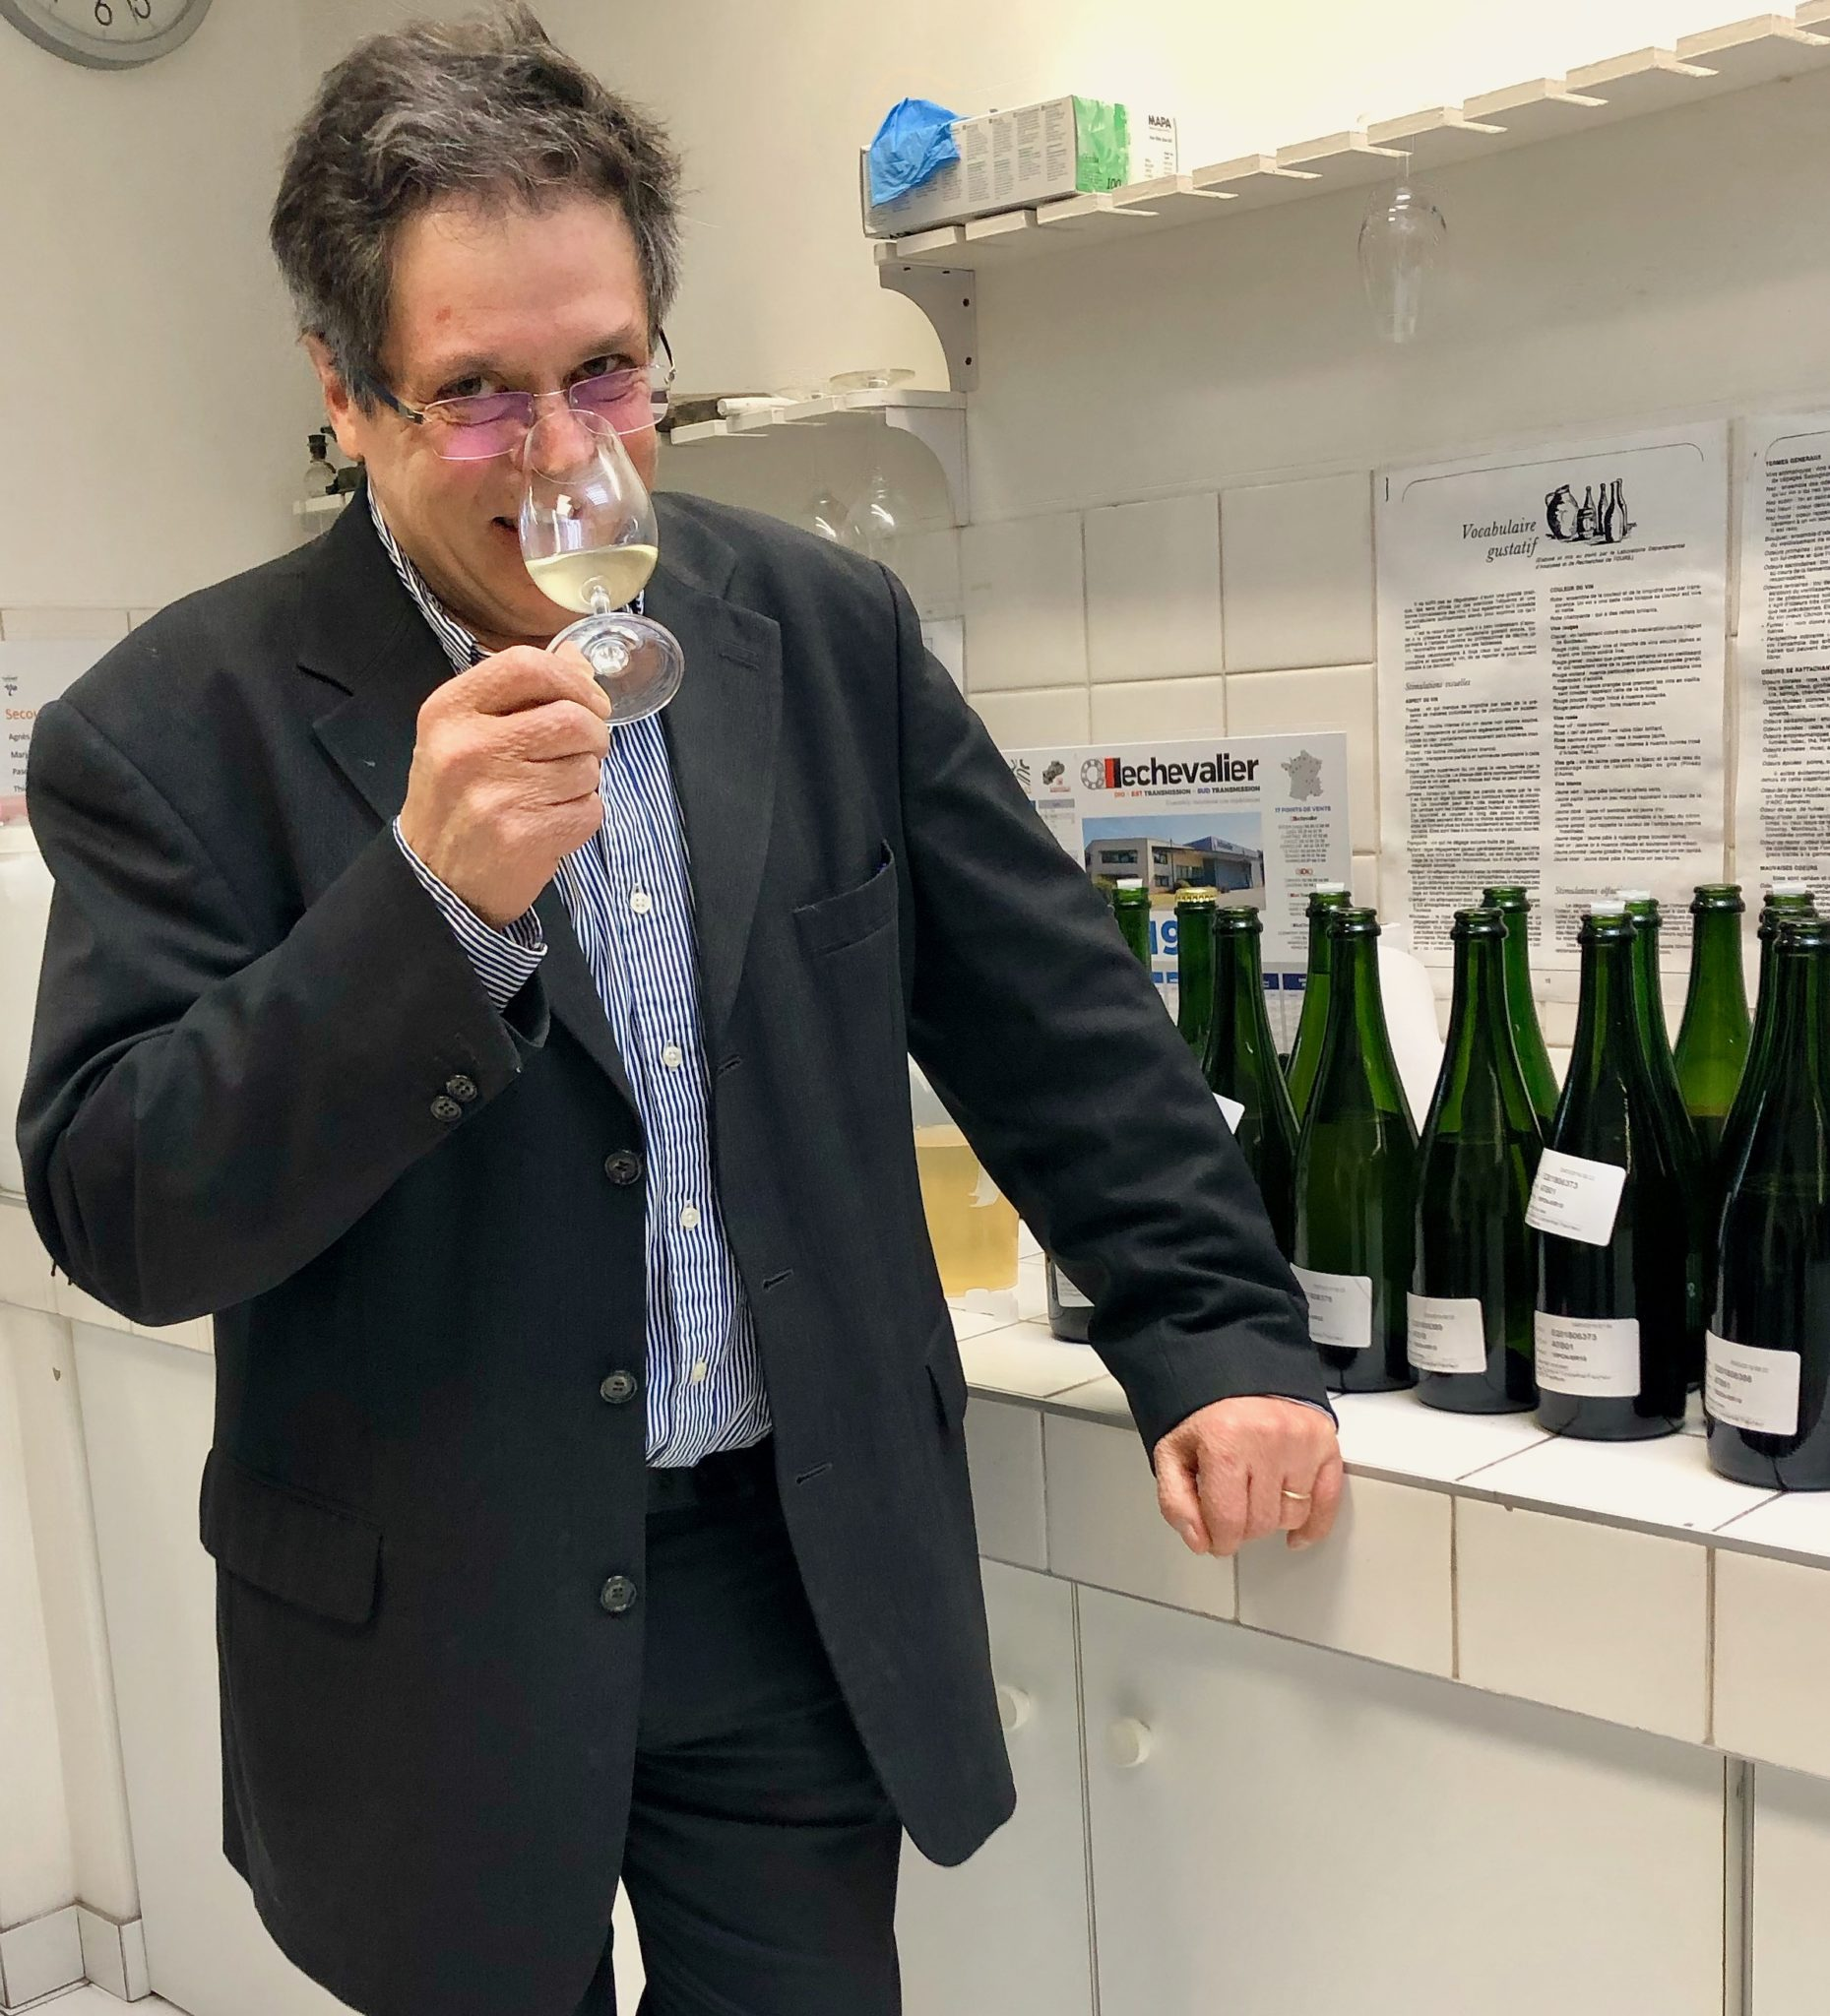 Les vins clairs 2018 avec Laurent Fédou (Canard-Duchêne)